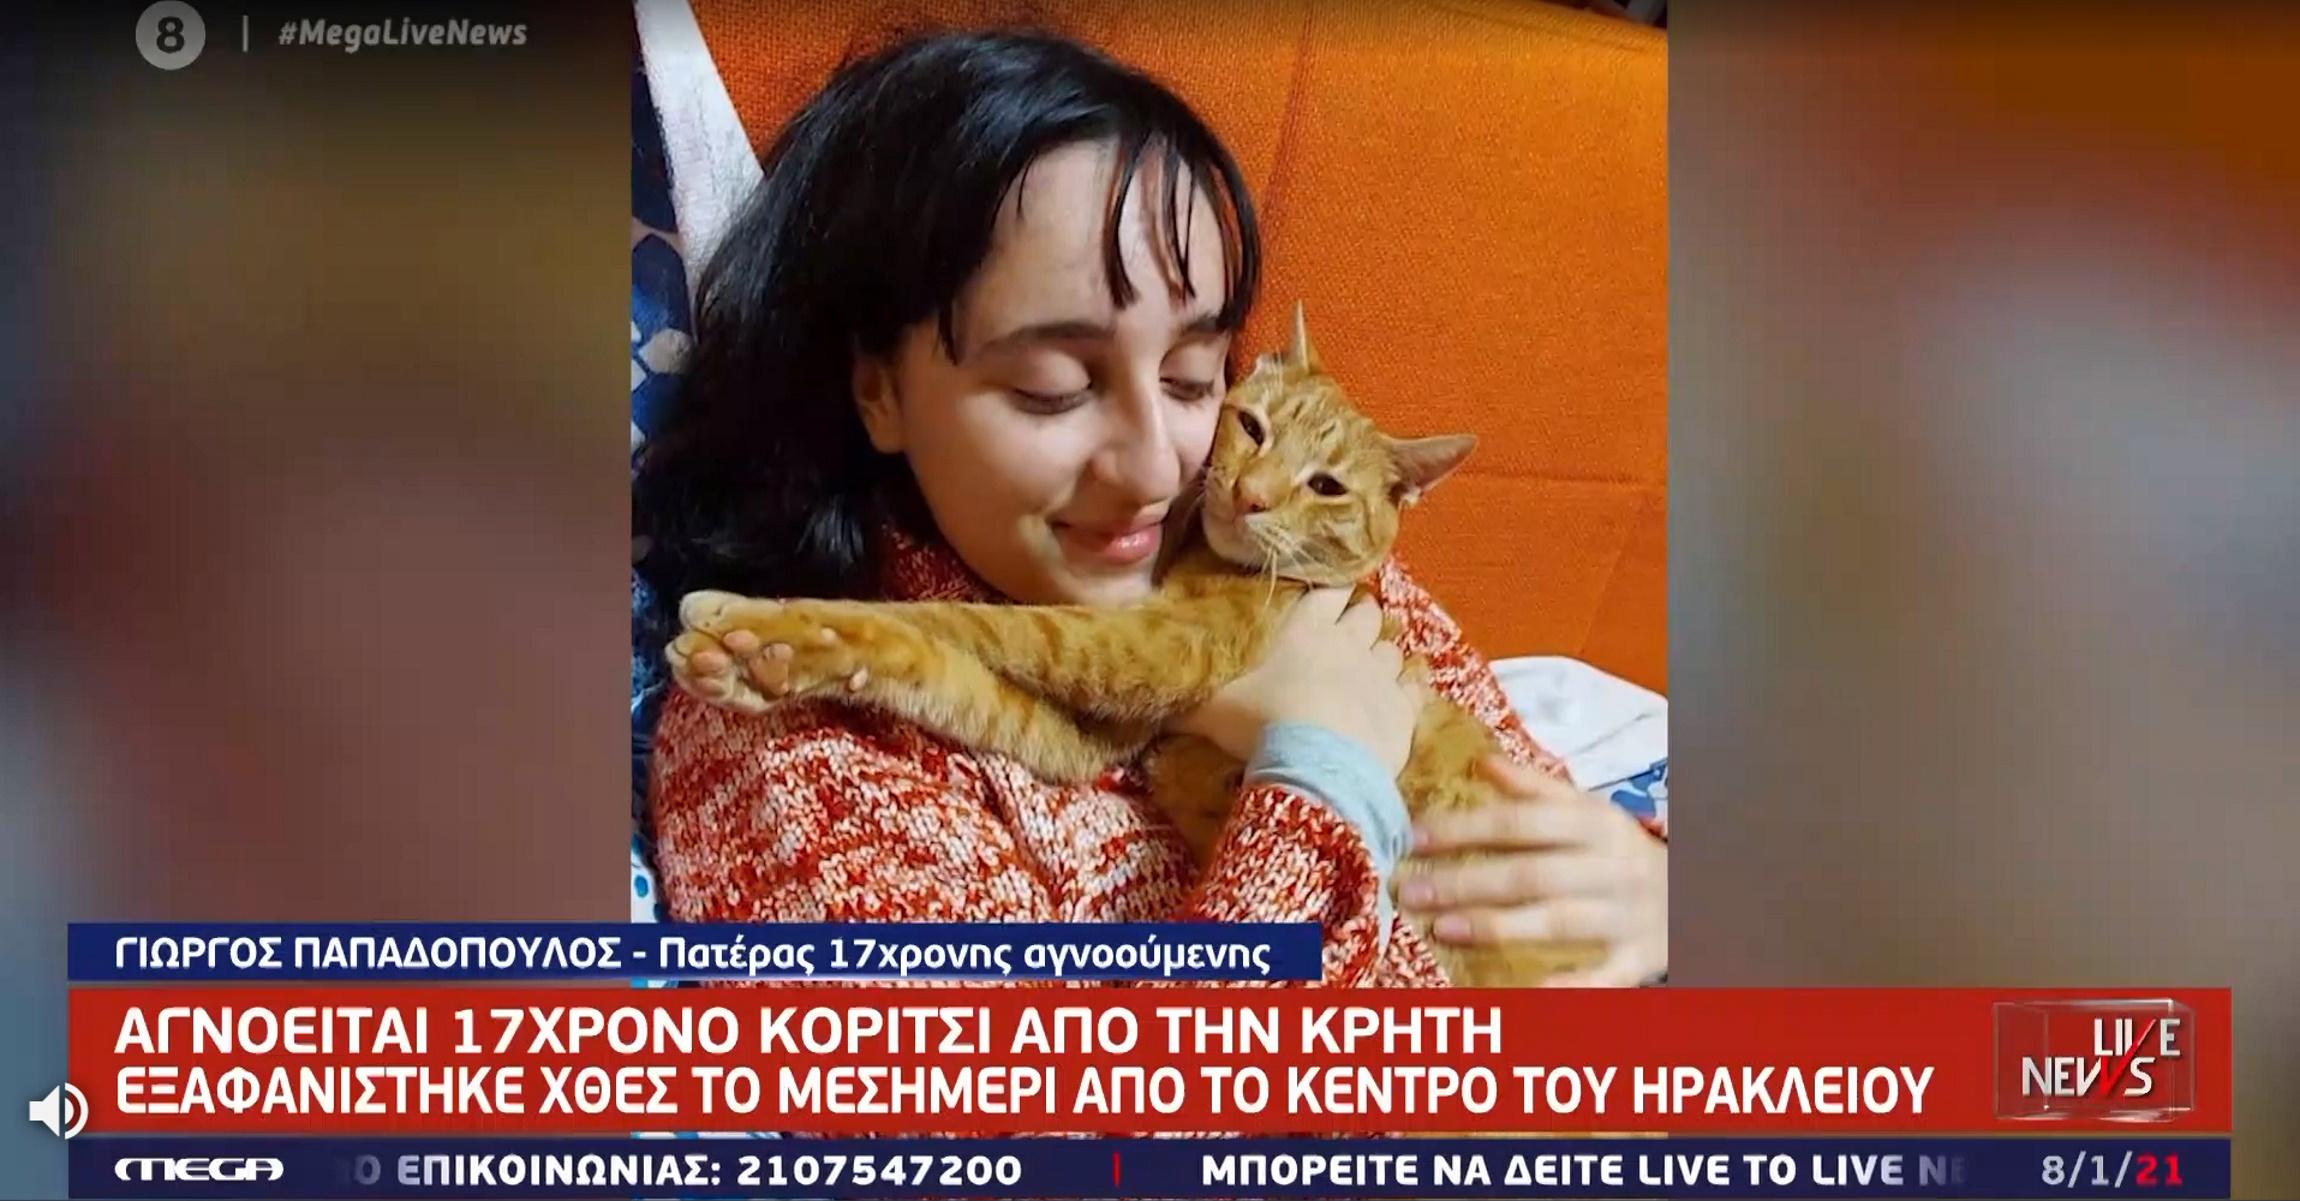 Αγωνία για την 17χρονη που εξαφανίστηκε στην Κρήτη – Έκκληση του πατέρα μέσω του Live News (video)